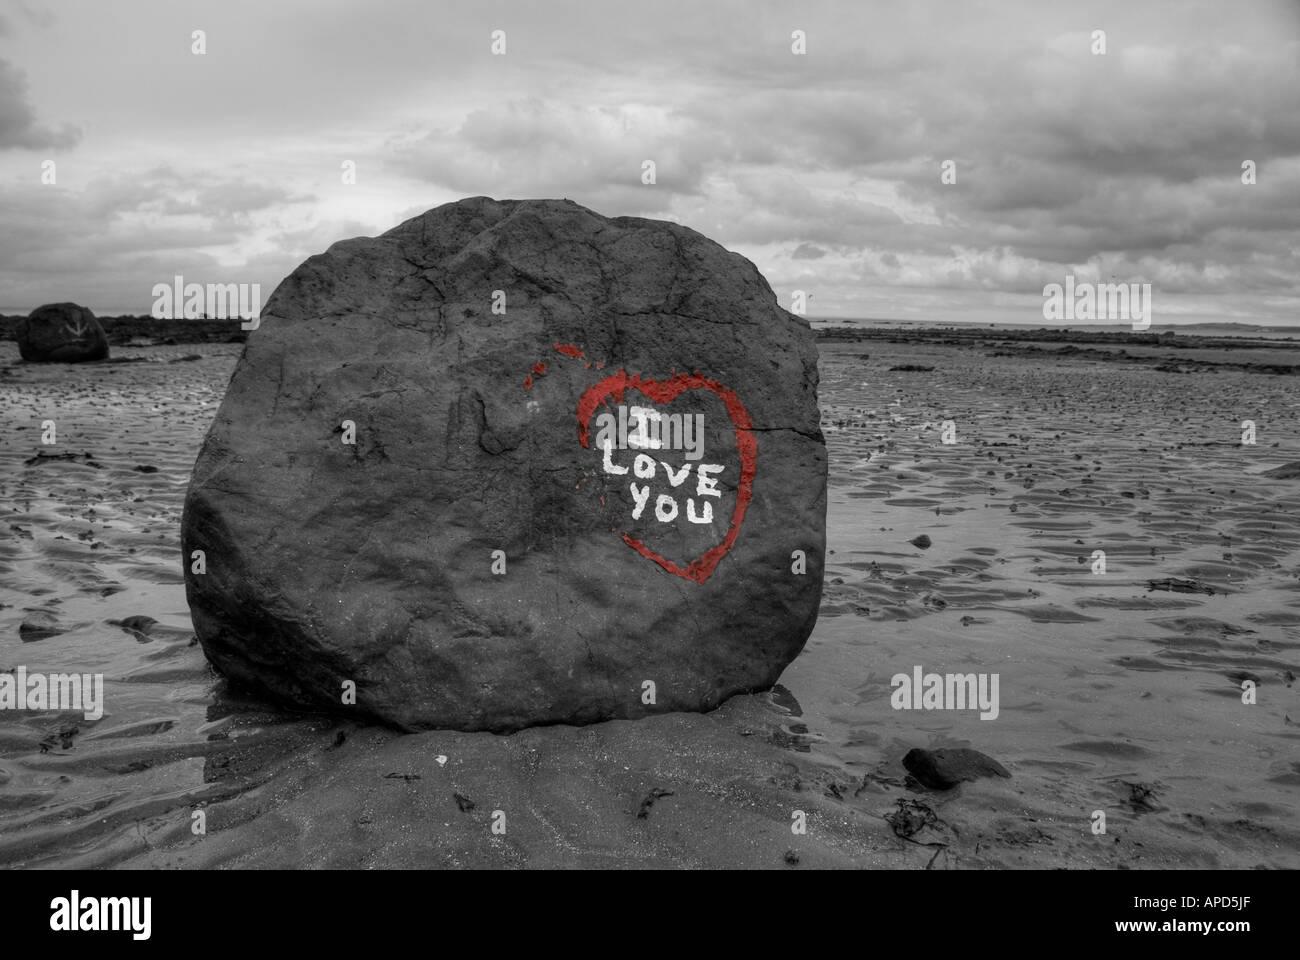 Je vous aime écrit sur un rocher sur une plage Photo Stock